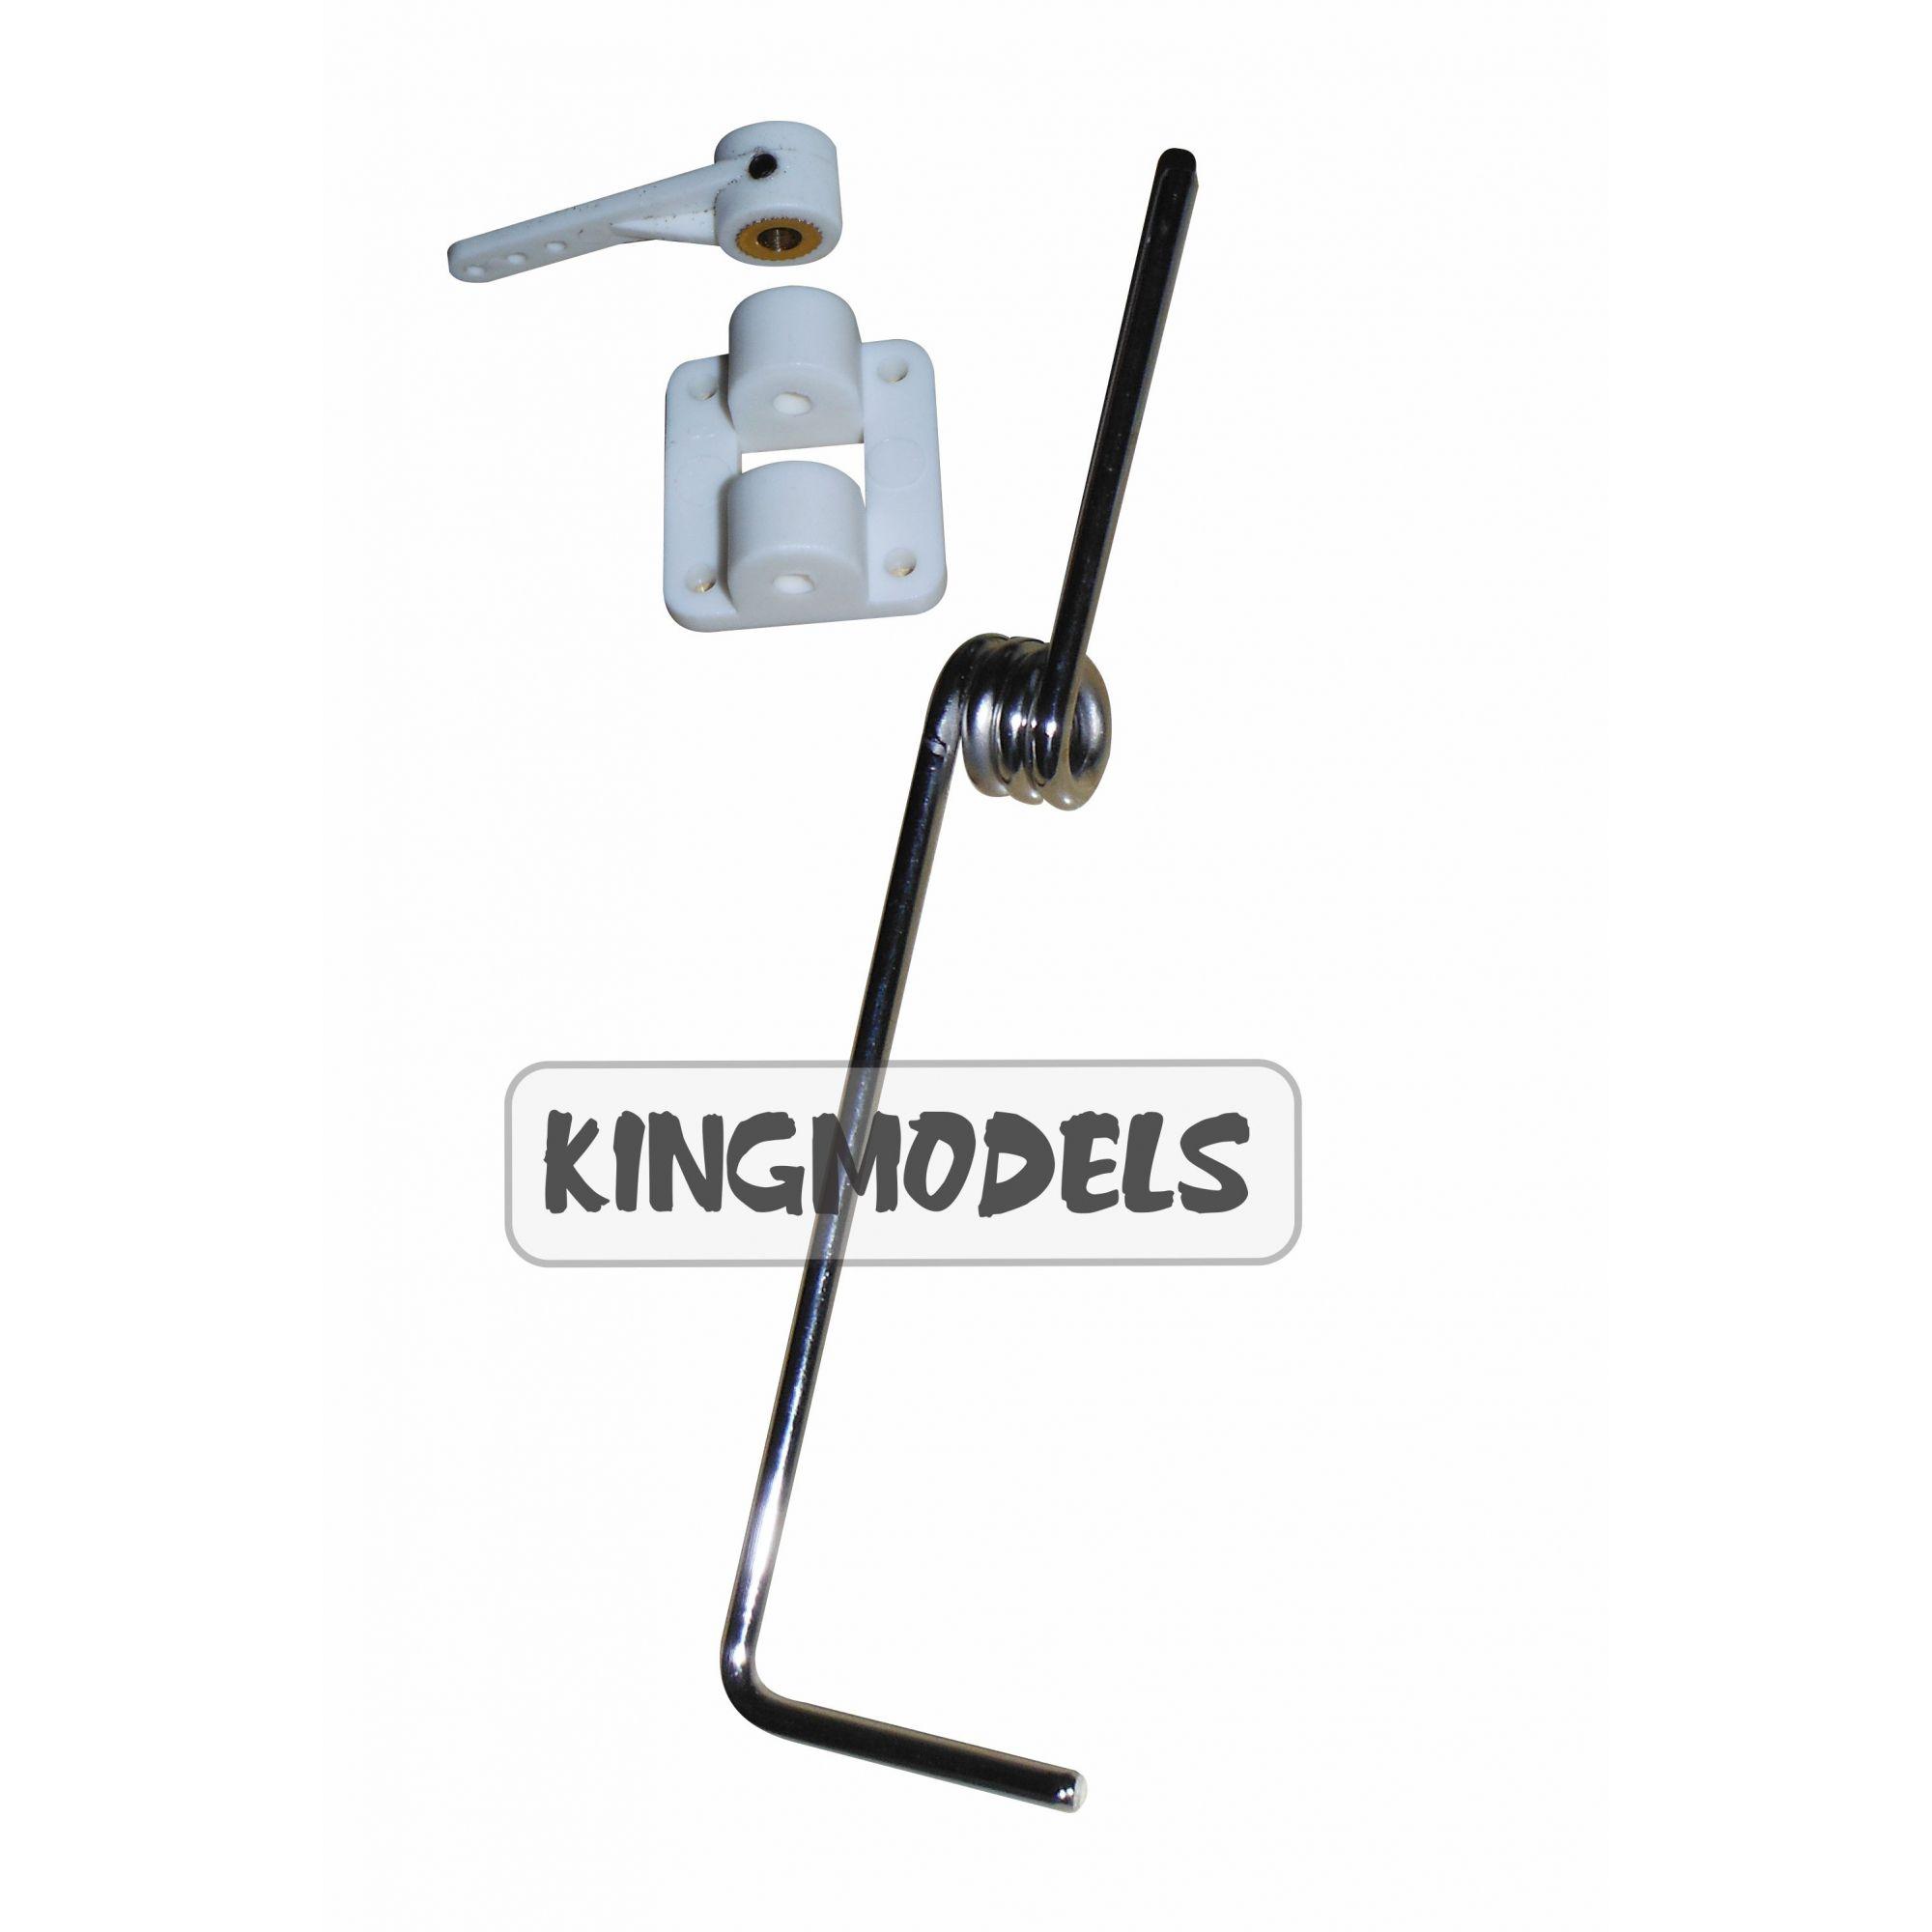 Bequilha Dianteira Para Aeros A Combustão 140mm C/suporte  - 418  - King Models